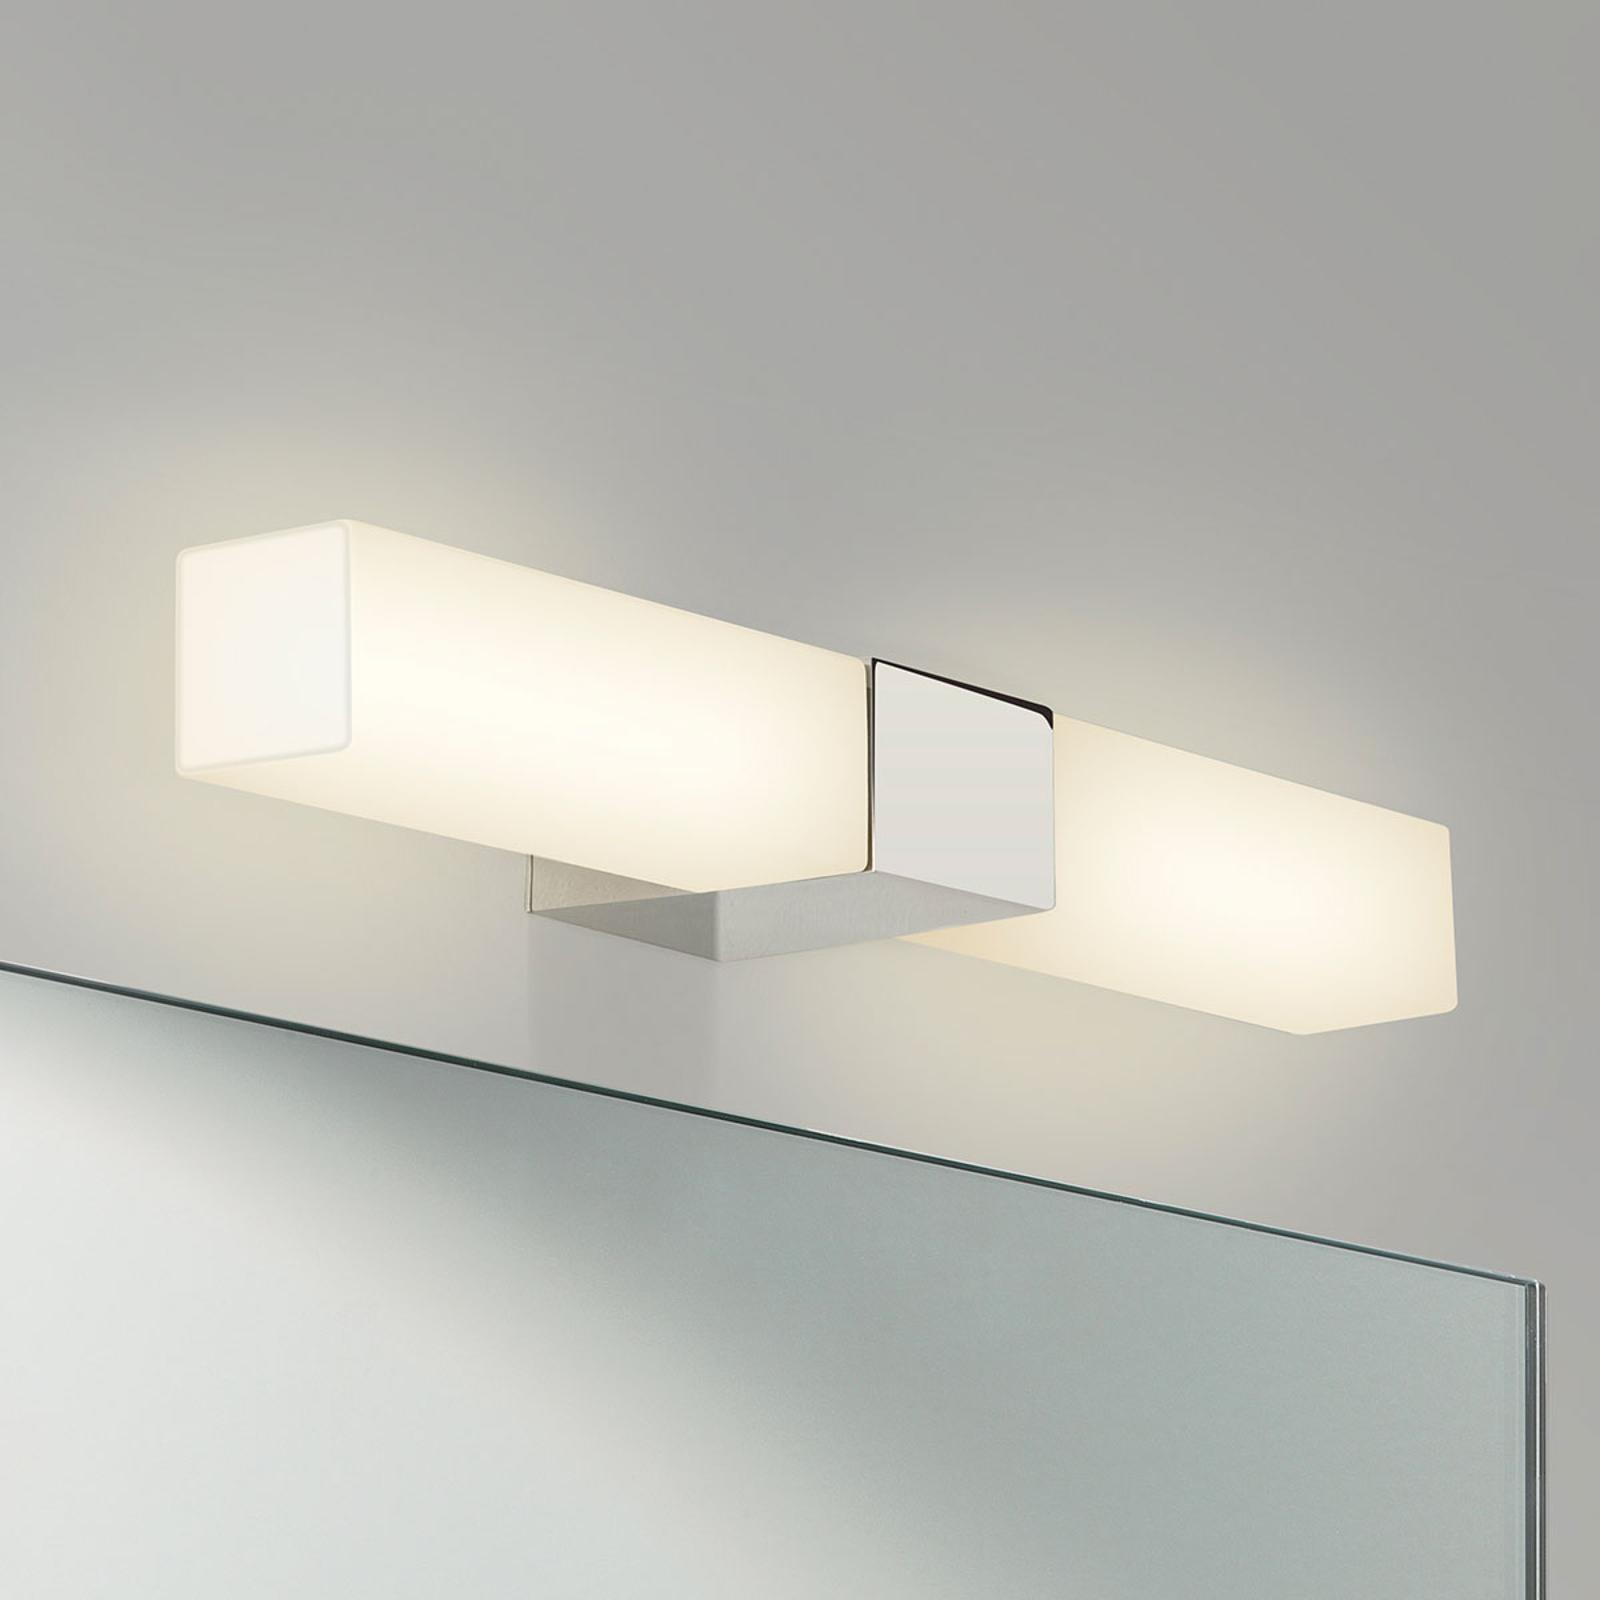 Astro Padova Square væglampe til badeværelset